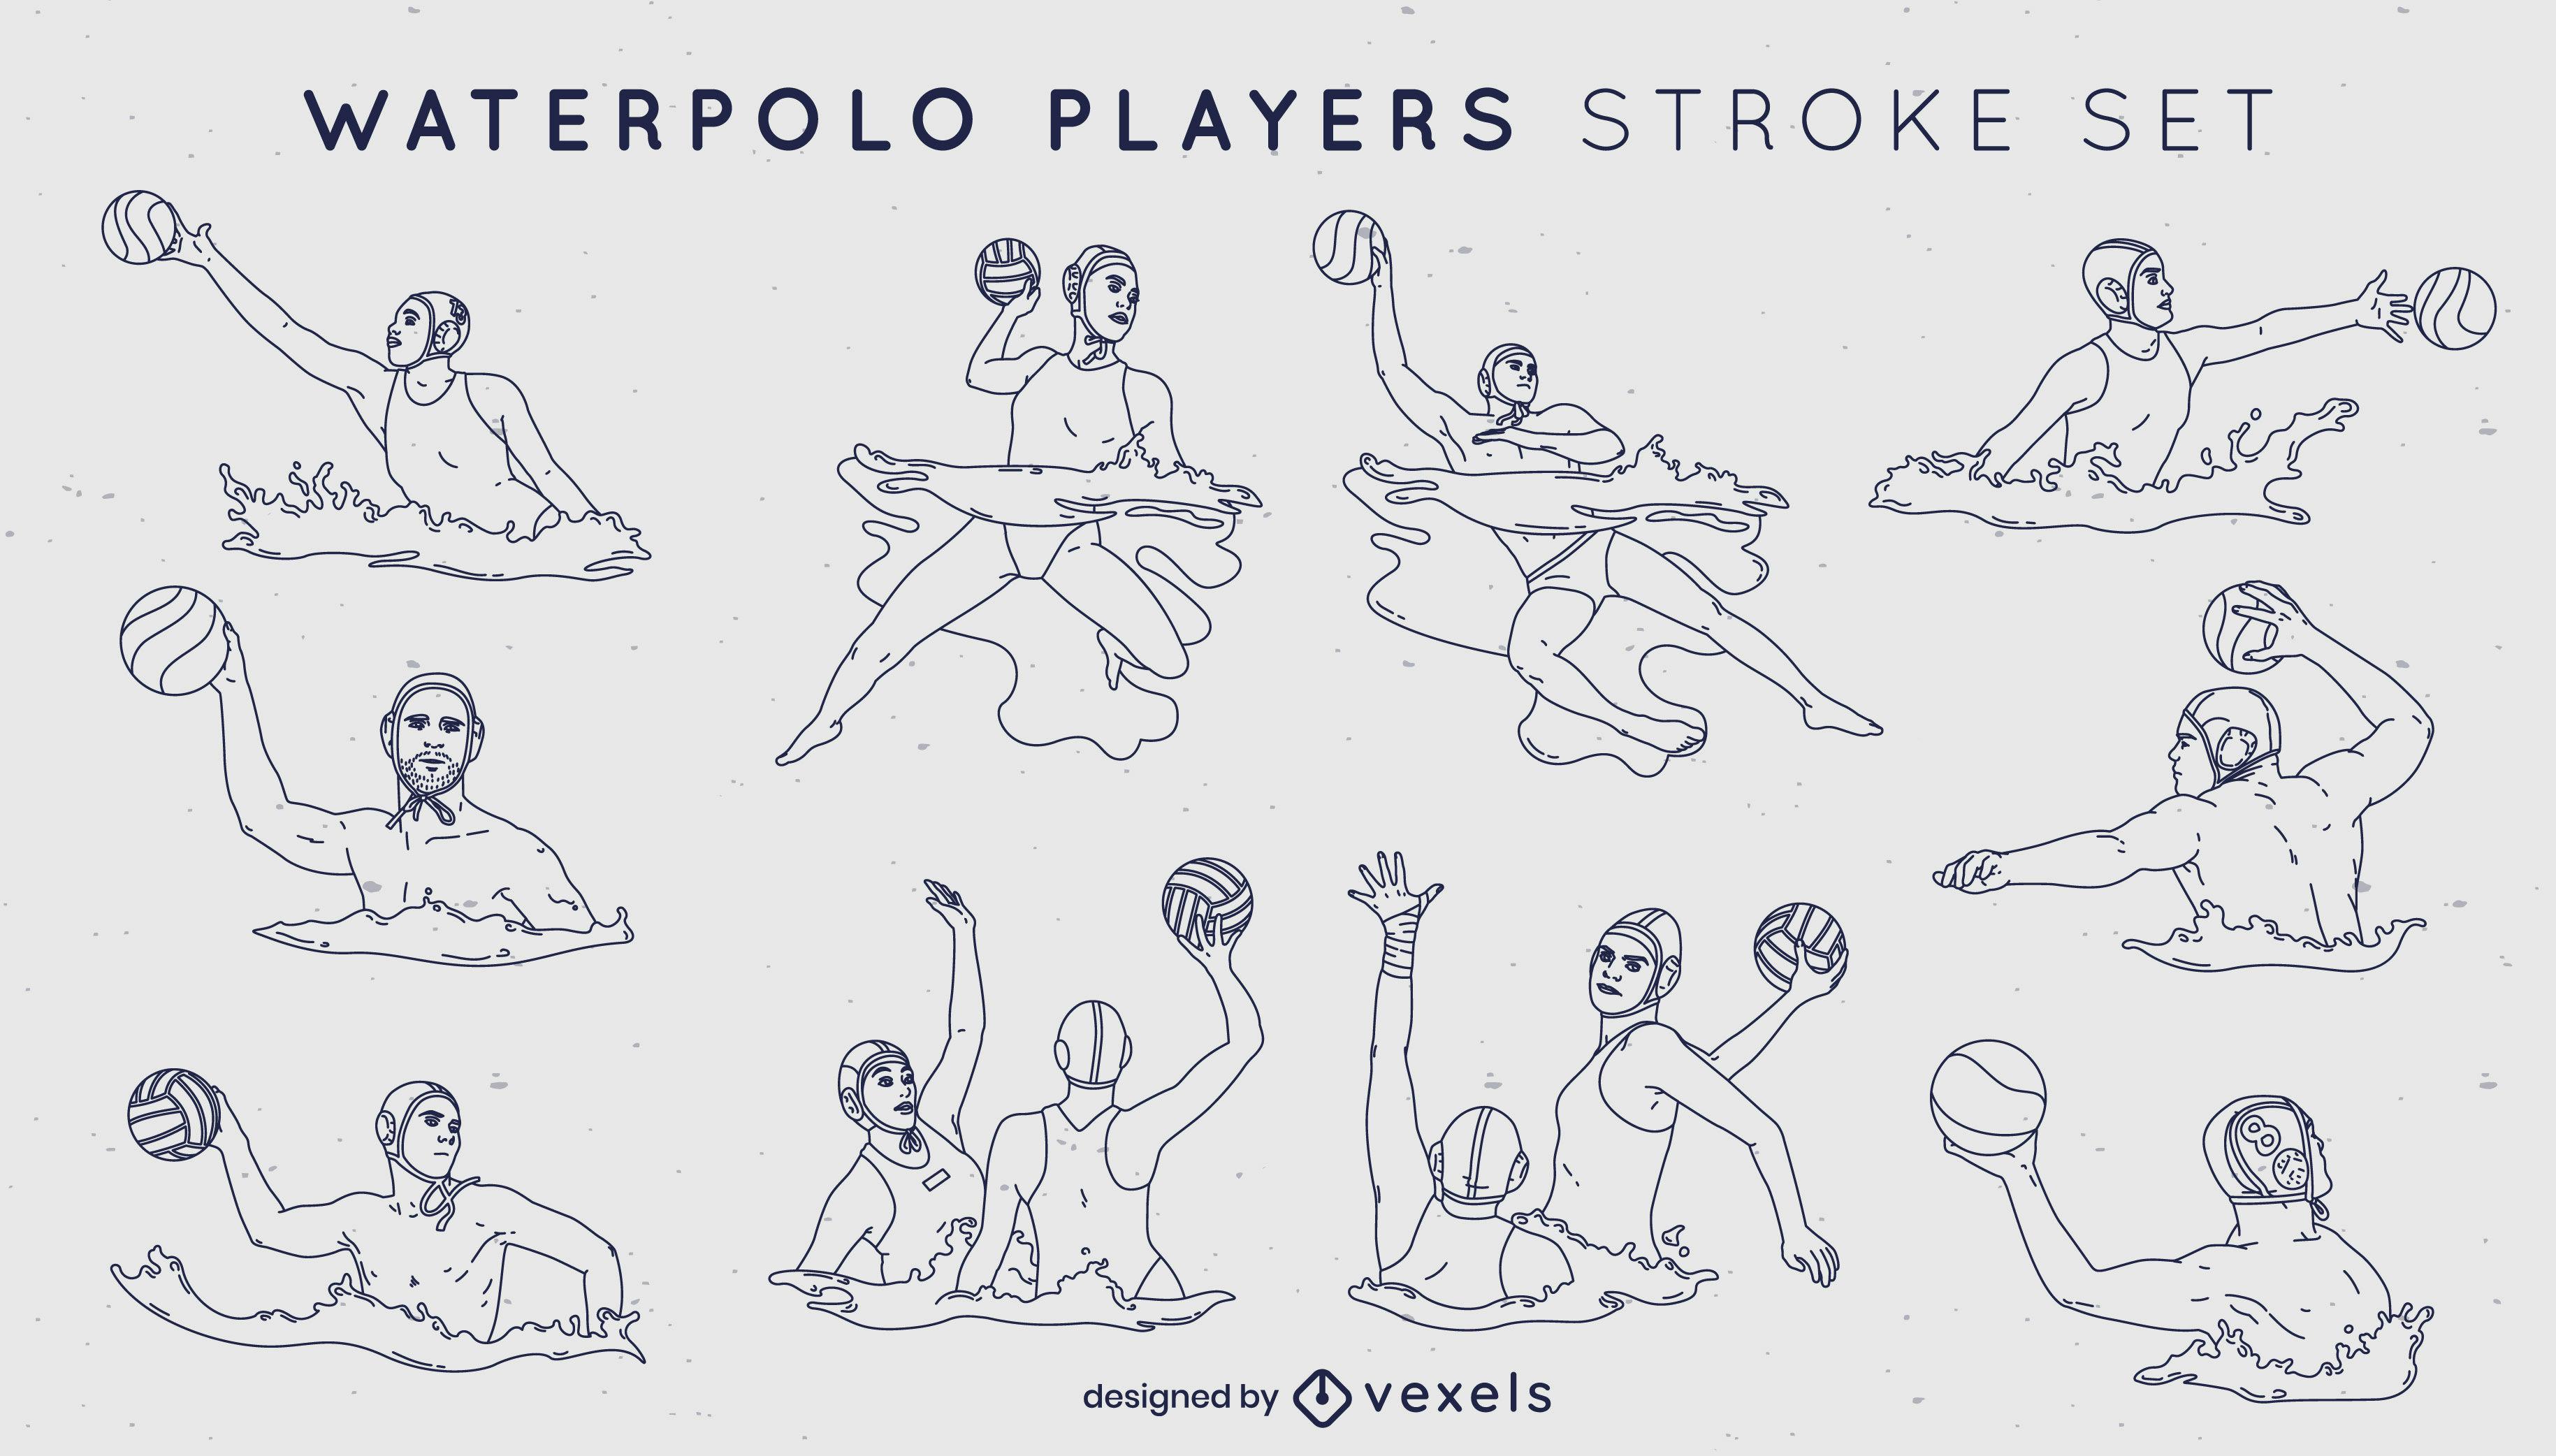 Juego de trazos de jugadores deportivos de waterpolo